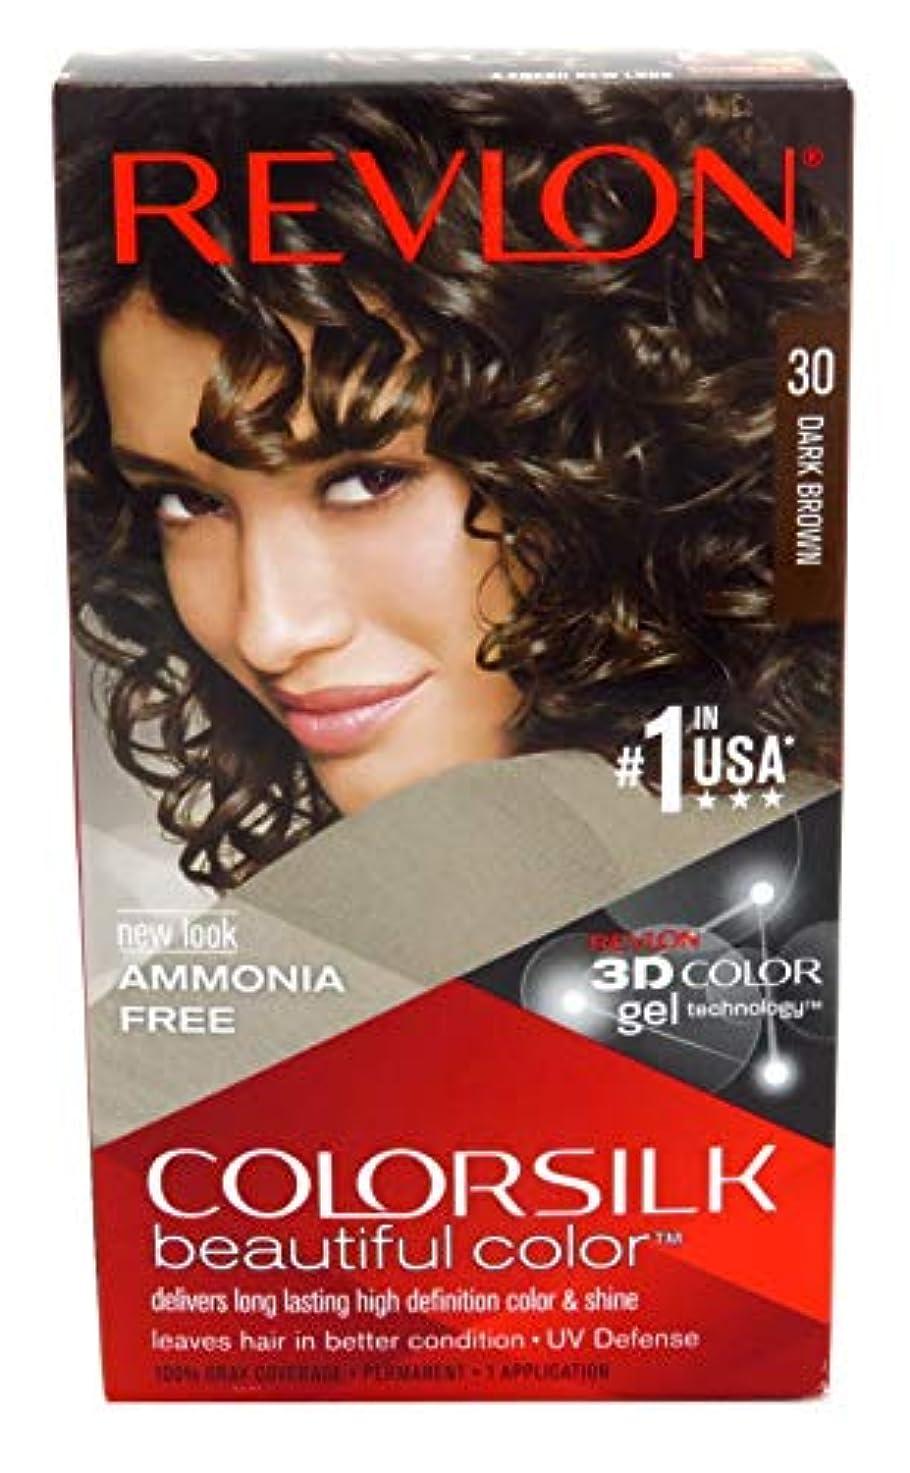 スラダムヤング十分ではないRevlon Colorsilk Hair Color 30 Dark Brown, by Revlon